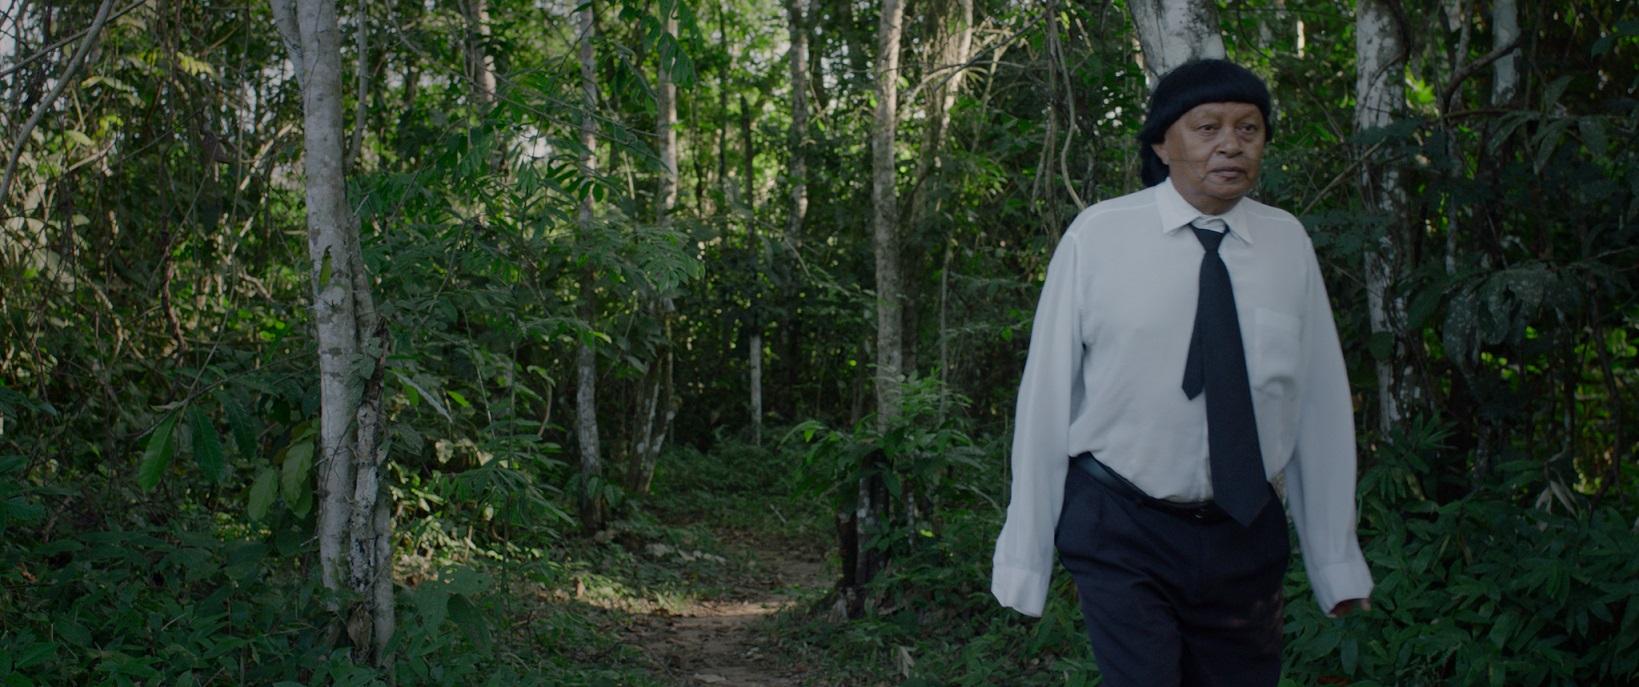 De líder espiritual, Perpera passou a zelador da igreja evangélica da aldeia. Foto Divulgação